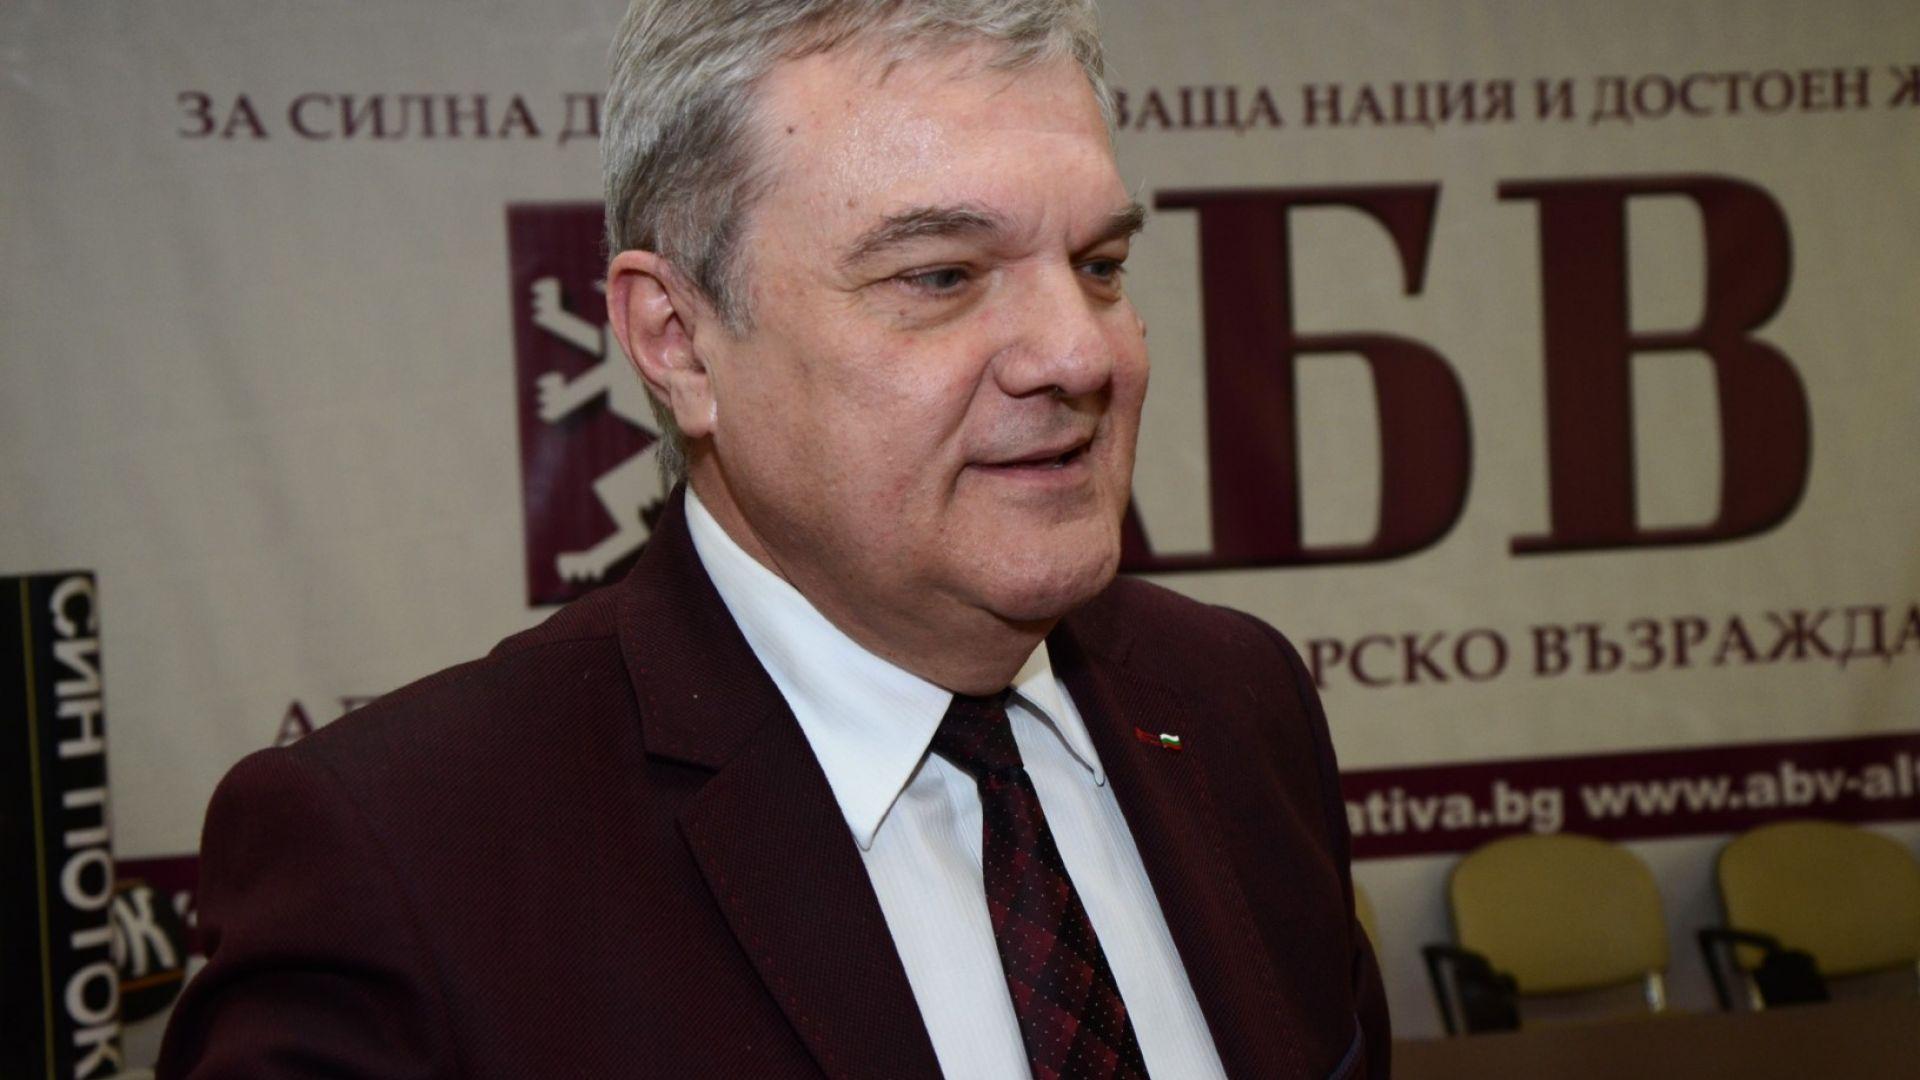 """Румен Петков: Не разбирам реакцията на БСП, след като се е отказала от името """"Коалиция за България"""""""